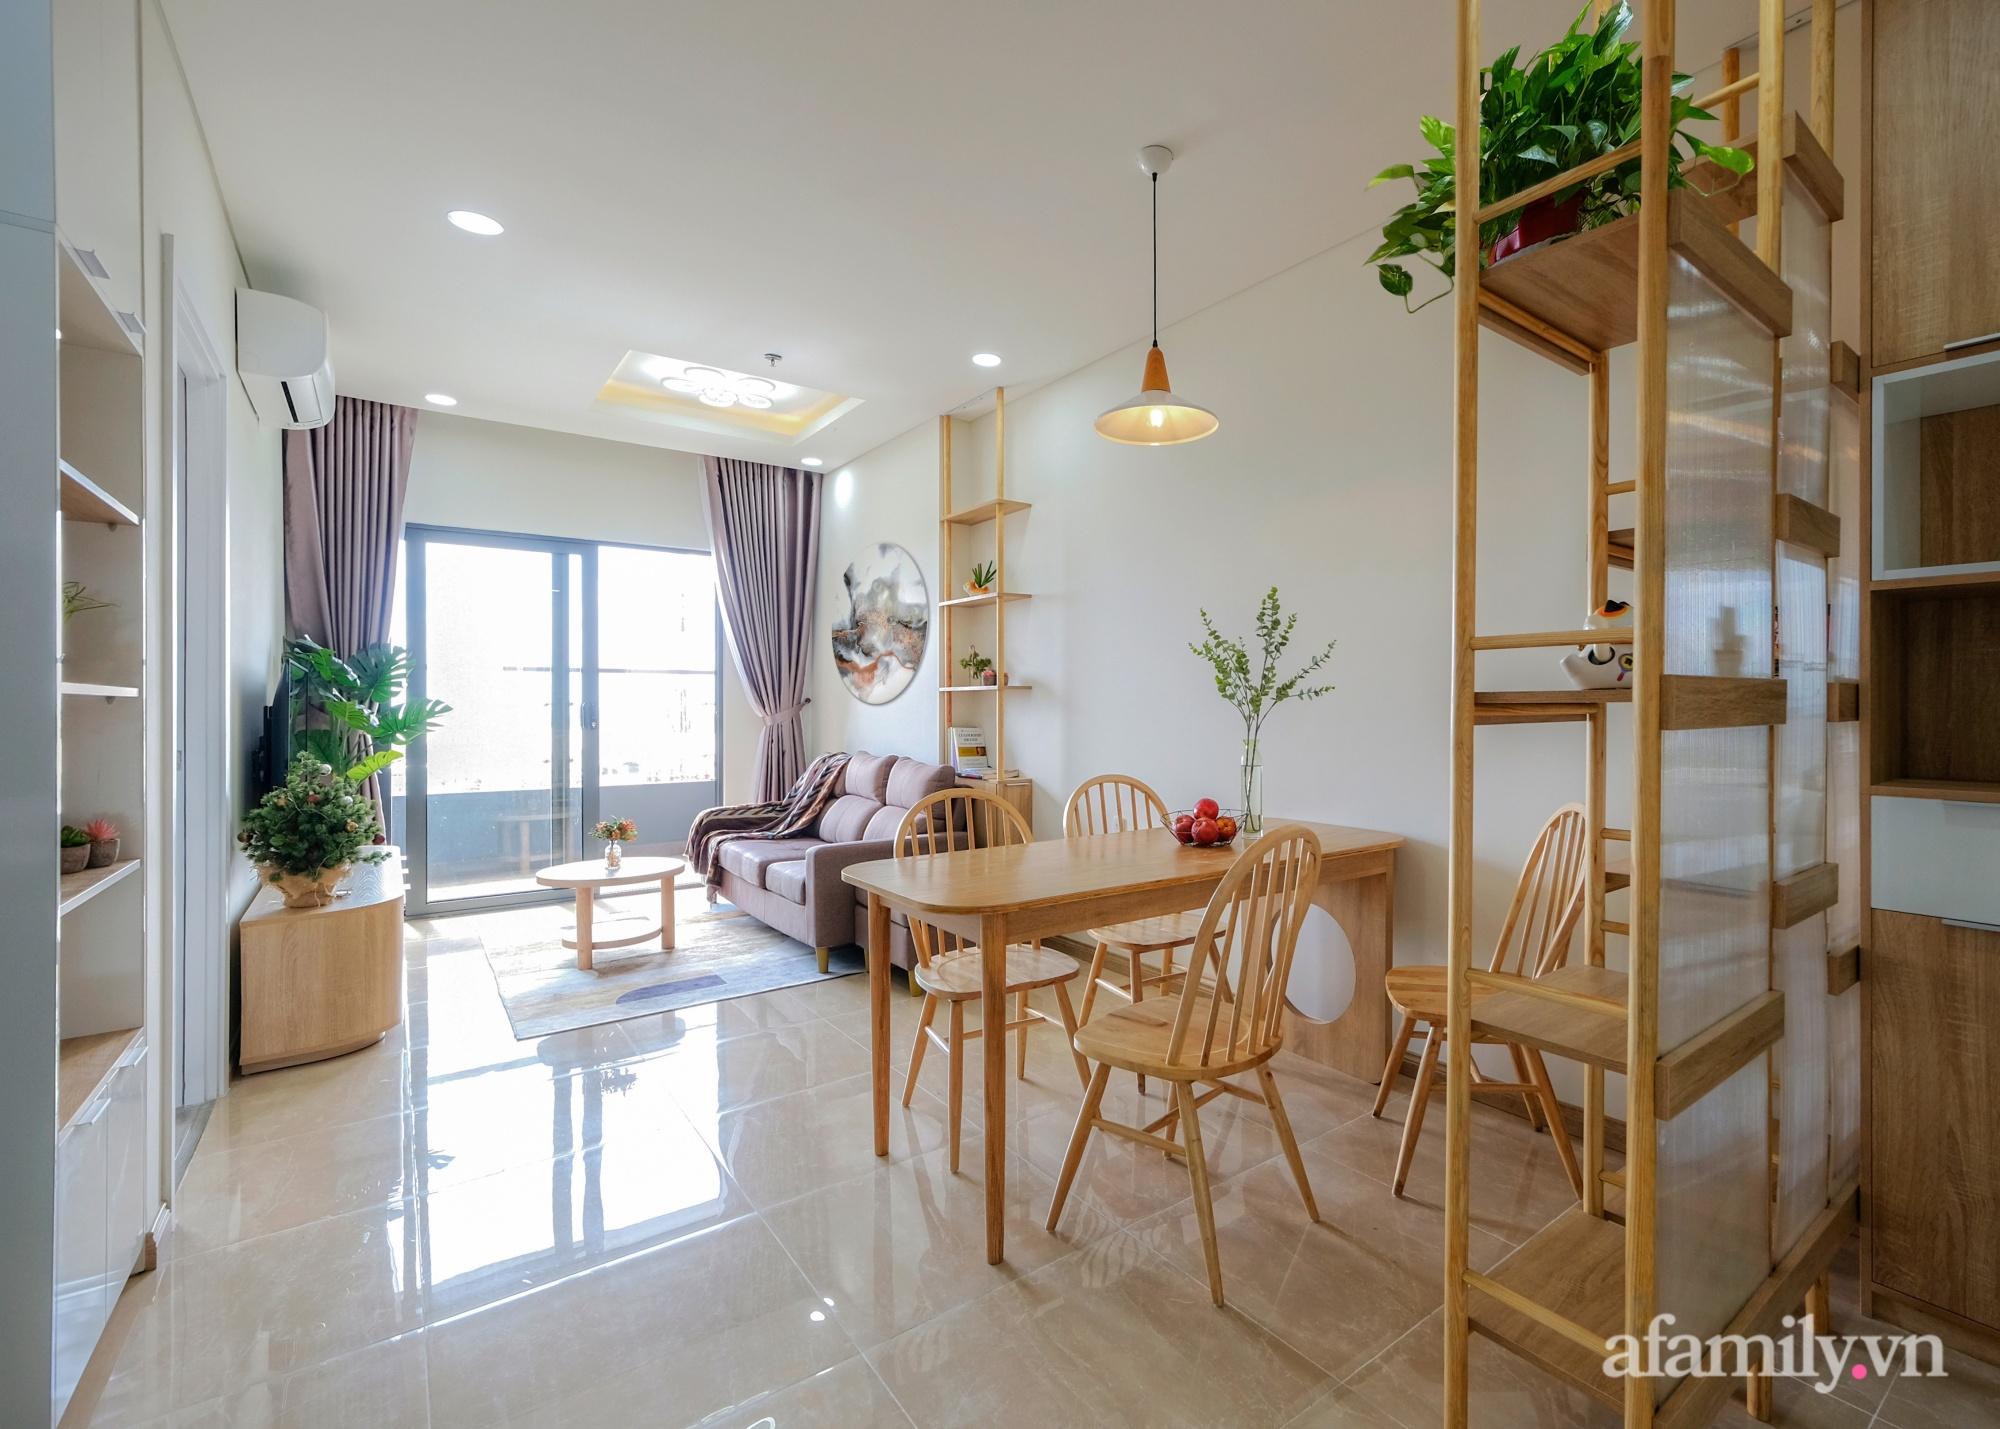 Căn hộ 75m² view sông Hàn đắt giá nhưng được thiết kế nội thất bình dị, ấm áp có chi phí 78 triệu đồng ở TP Đà Nẵng - Ảnh 3.